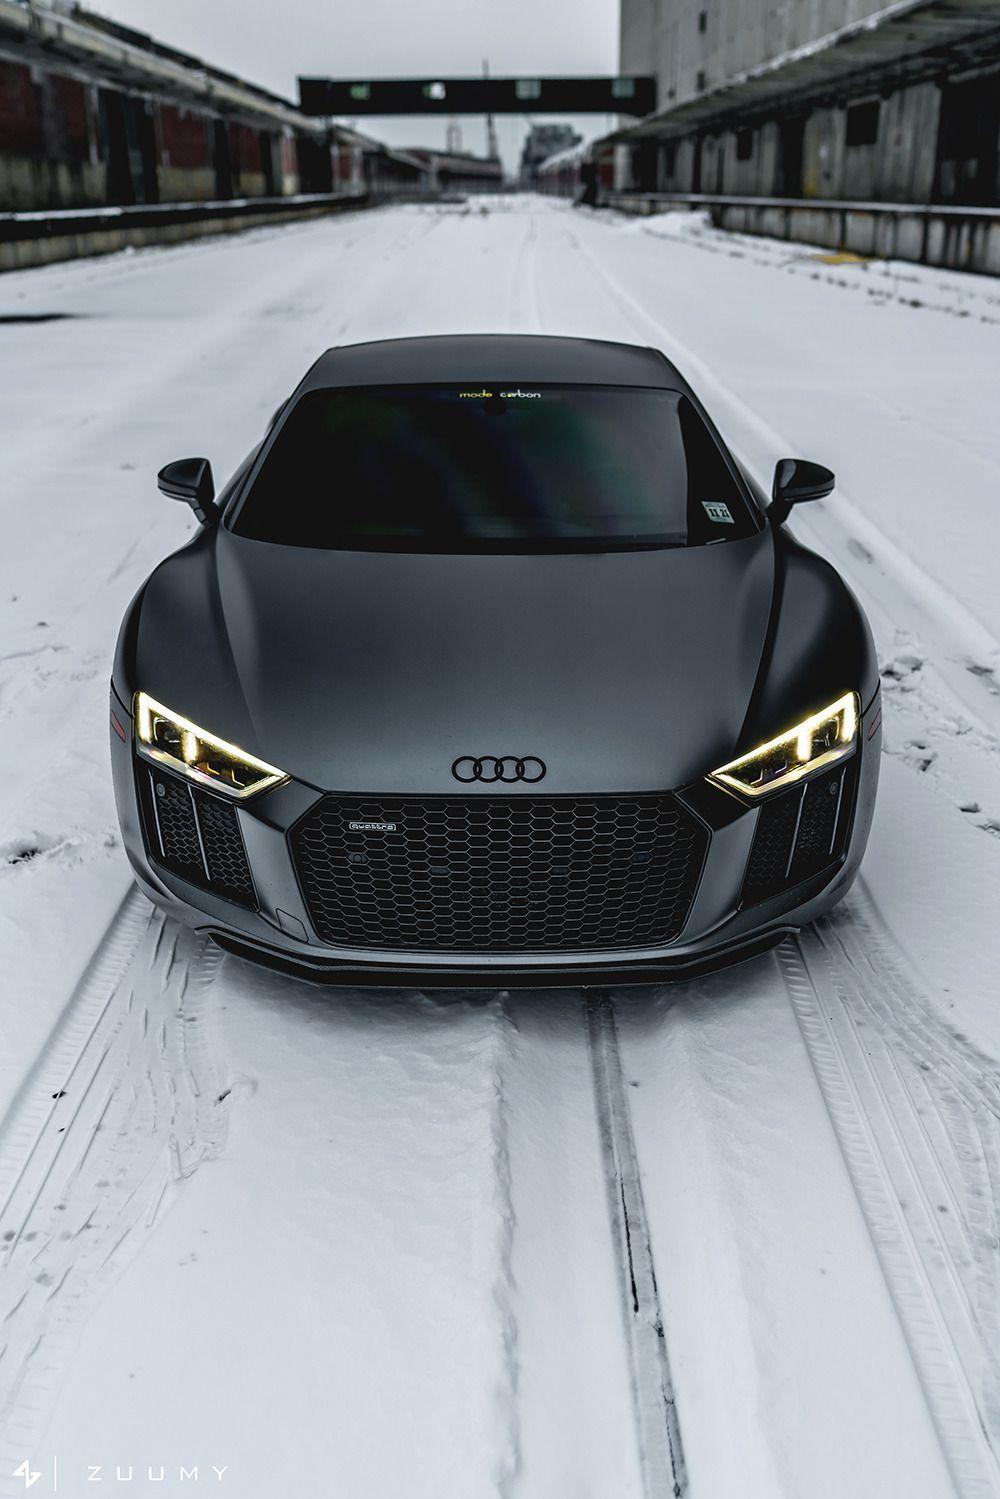 Motivationsforlife Matte Daytona Grey Audi R8 V10 Plus By Sam A Mode Carbon Audir8 In 2020 R8 V10 Plus Audi R8 V10 Plus Audi R8 V10